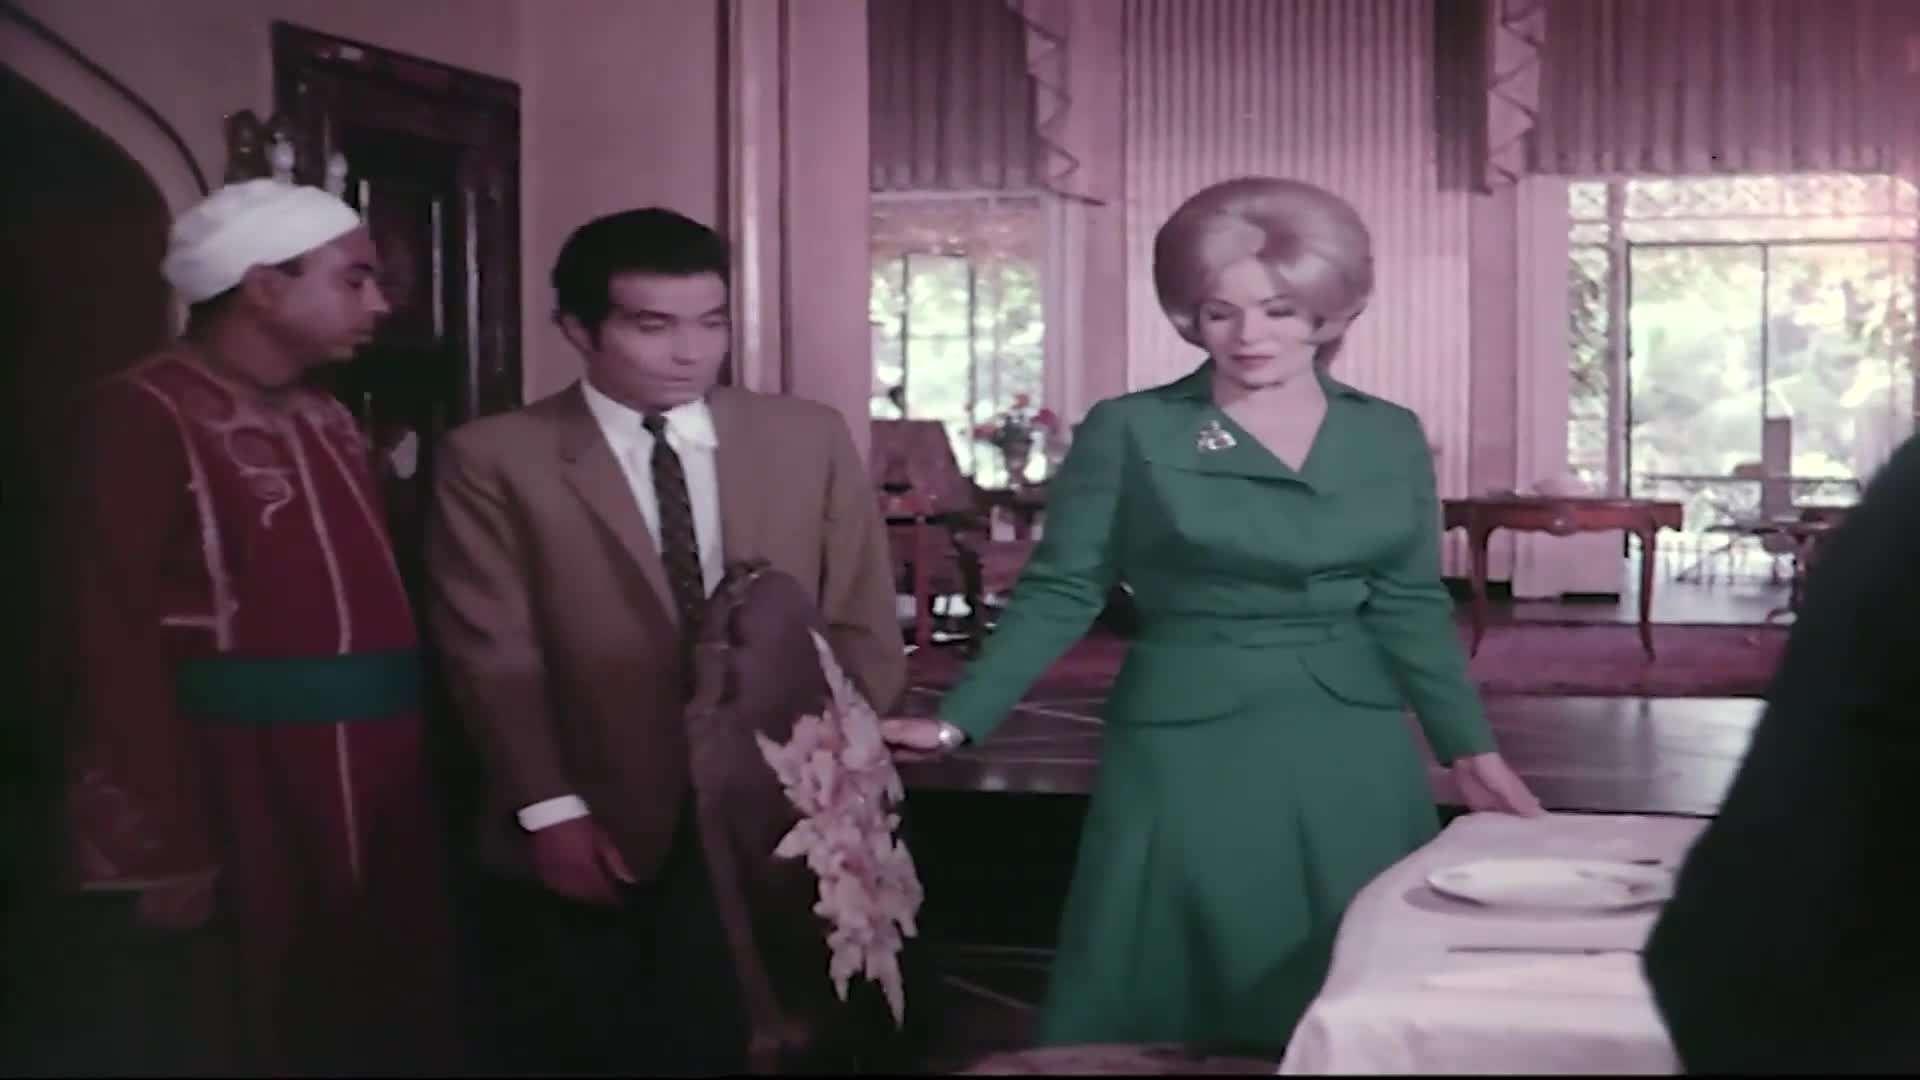 [فيلم][تورنت][تحميل][الجبان والحب][1975][1080p][Web-DL] 5 arabp2p.com